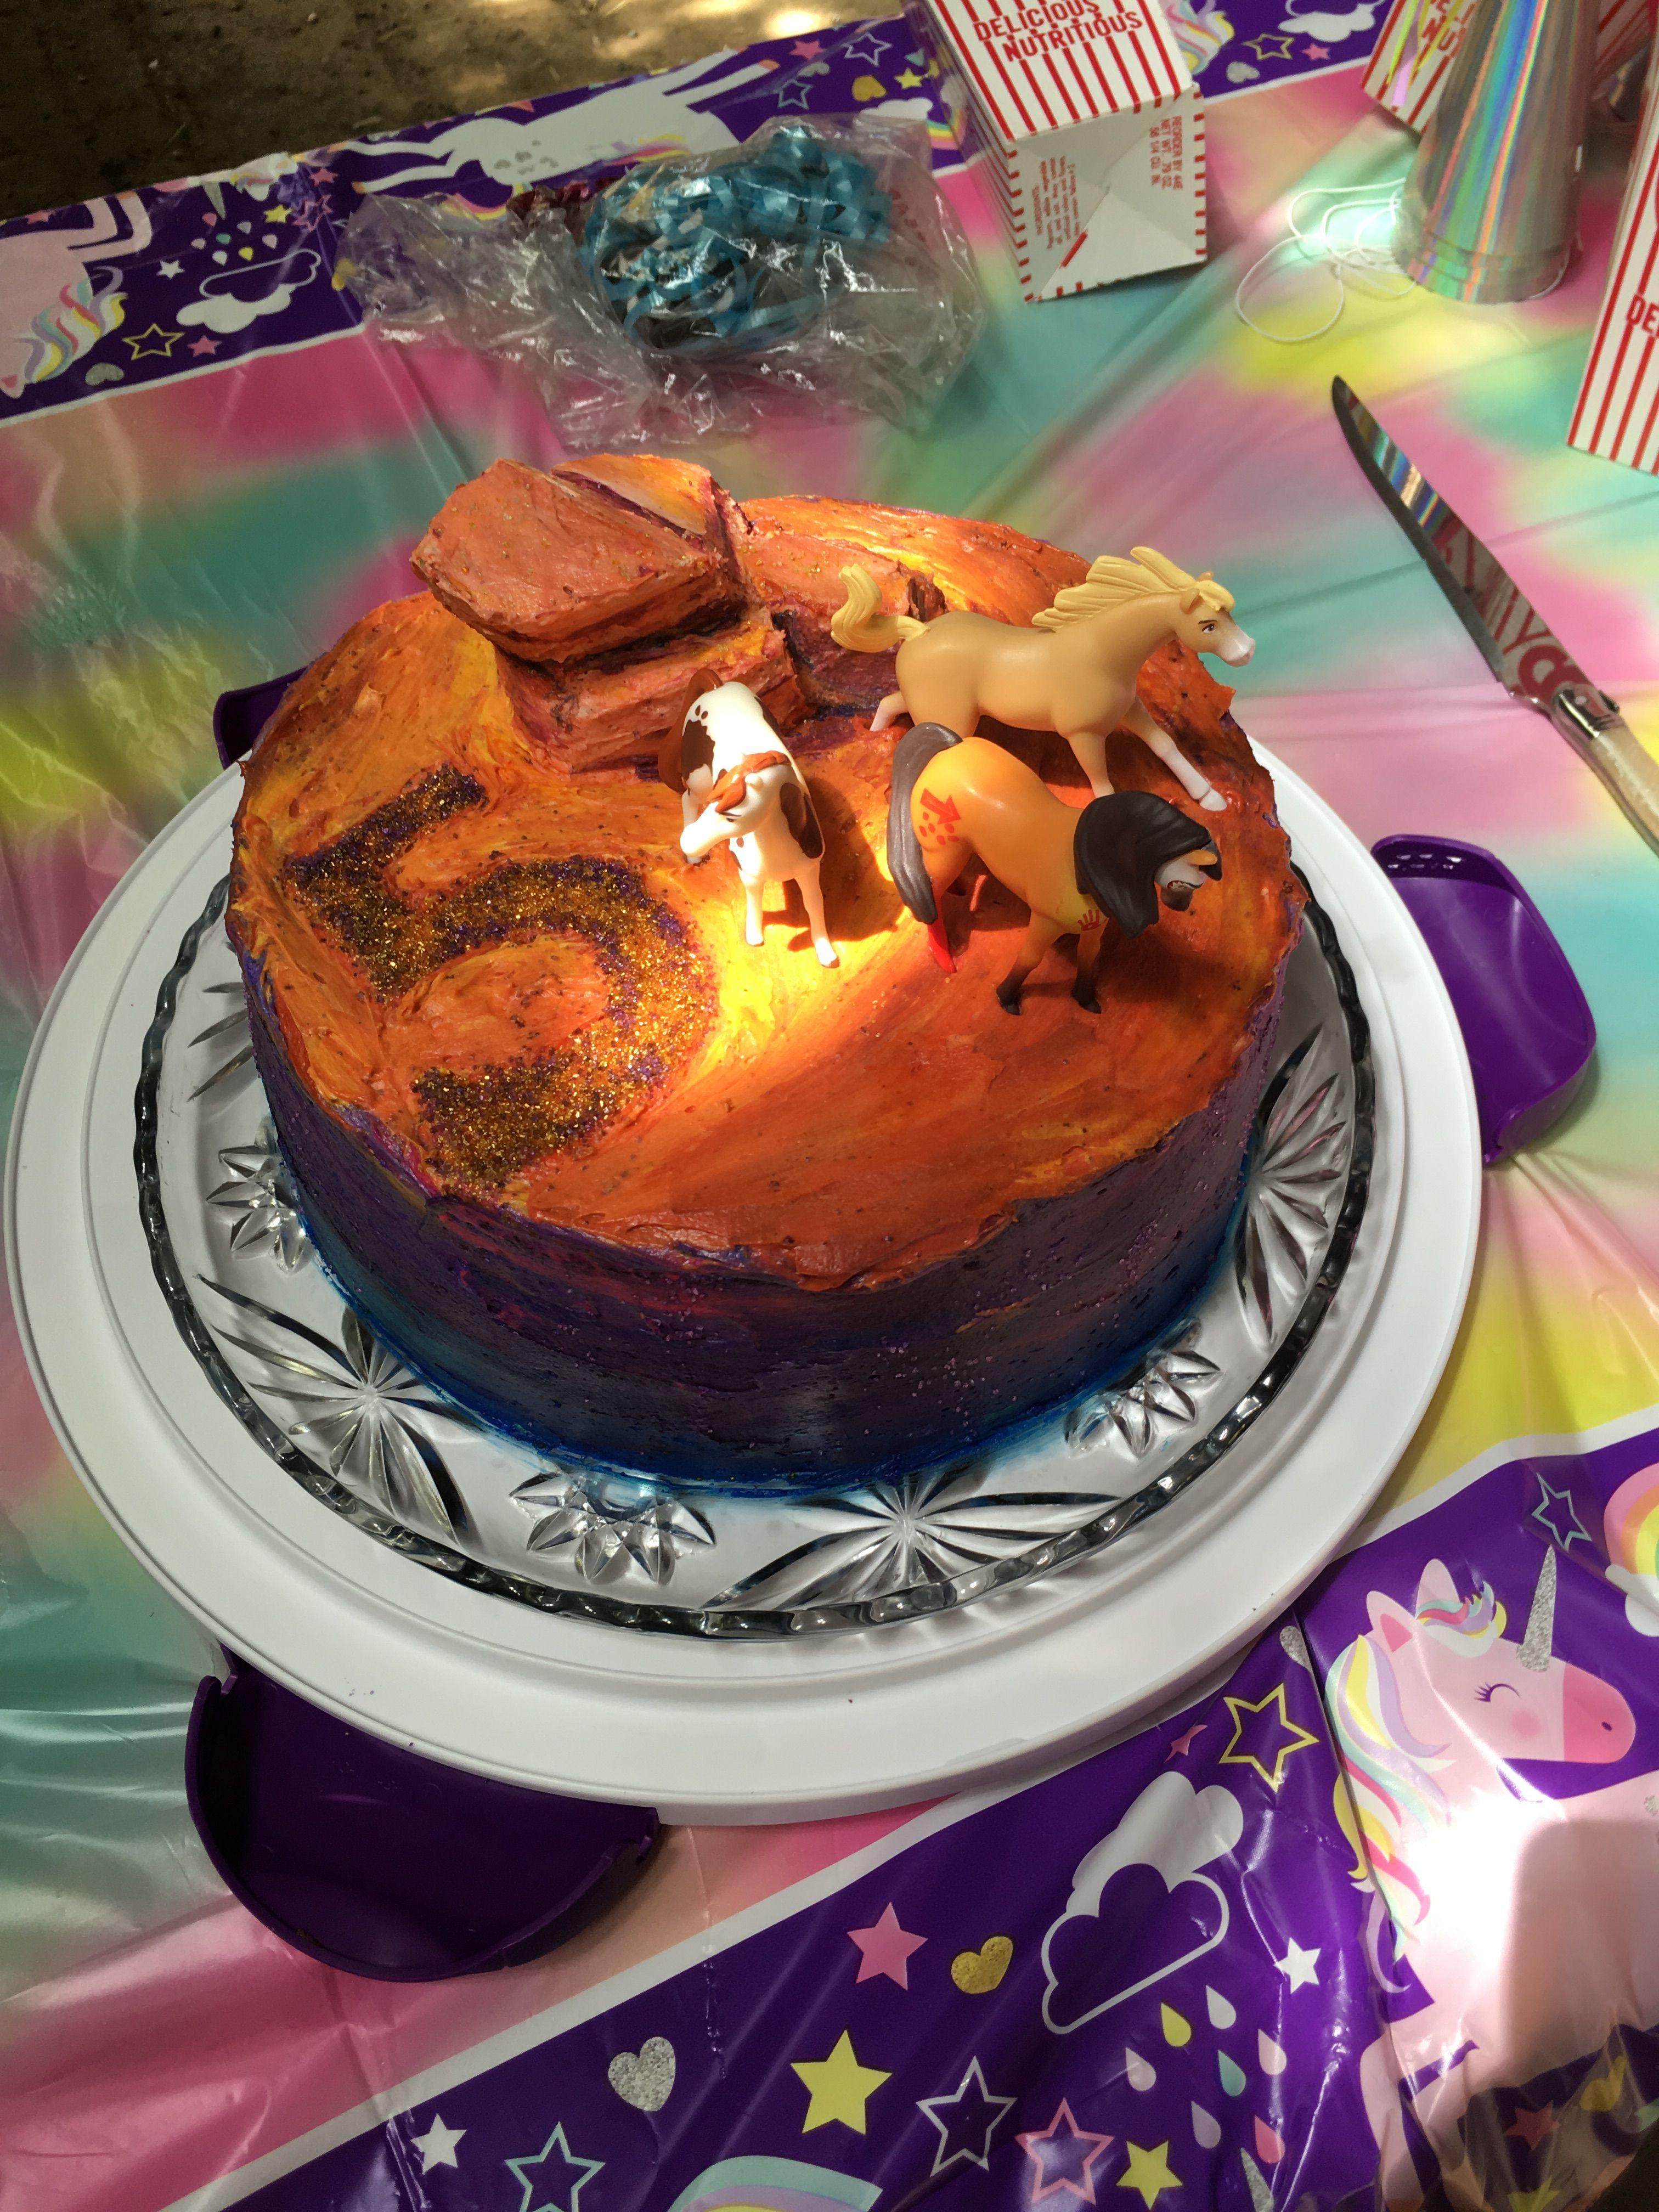 Spirit Riding Free Cake Free Birthday Stuff Birthday Party Cake Party Cakes